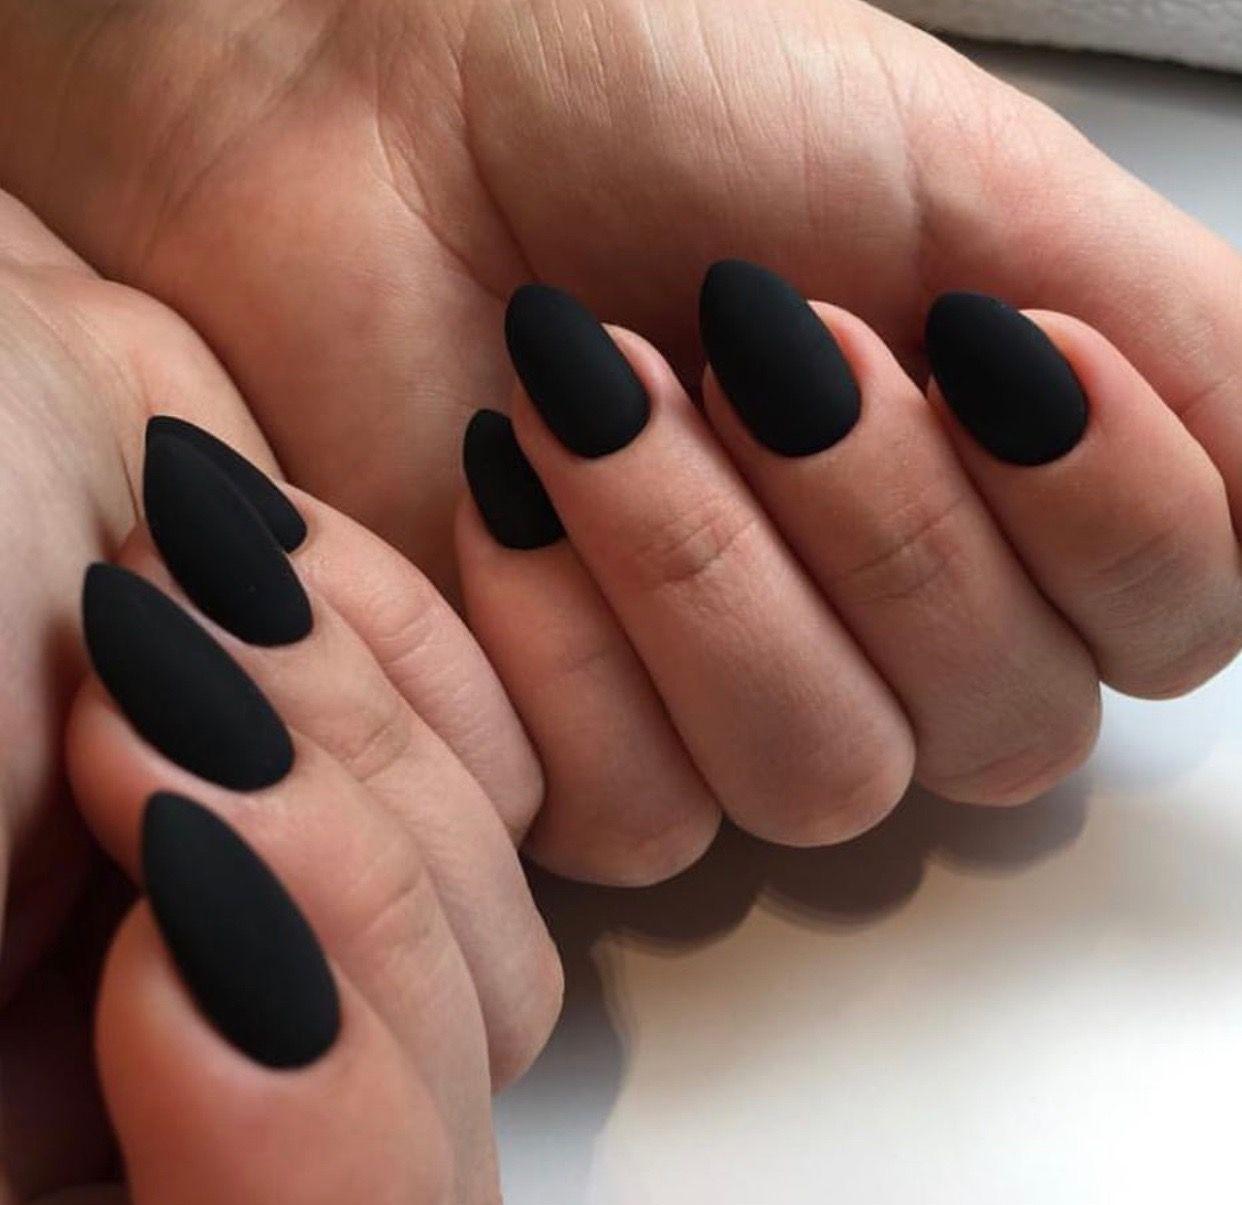 Pin by nati khoroshykh on nails pinterest